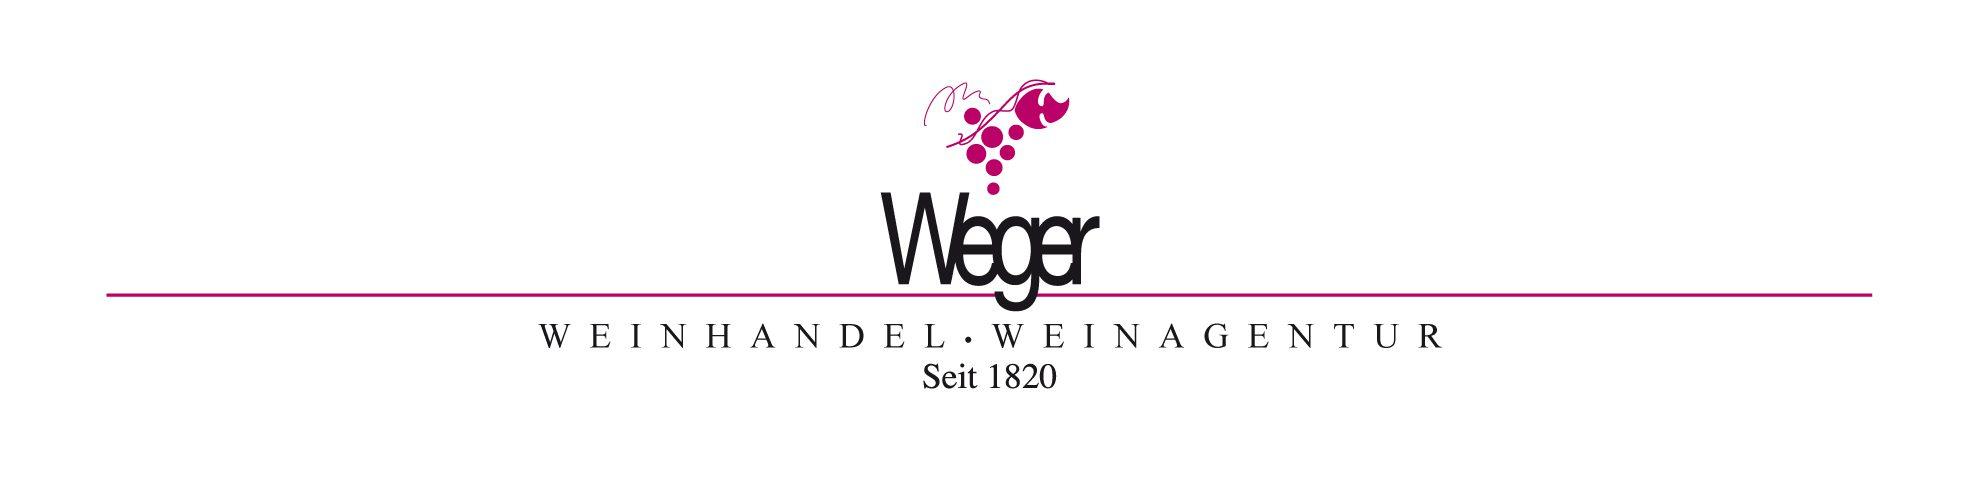 Weger – Weinhandel, Weinagentur – Lienz, Osttirol